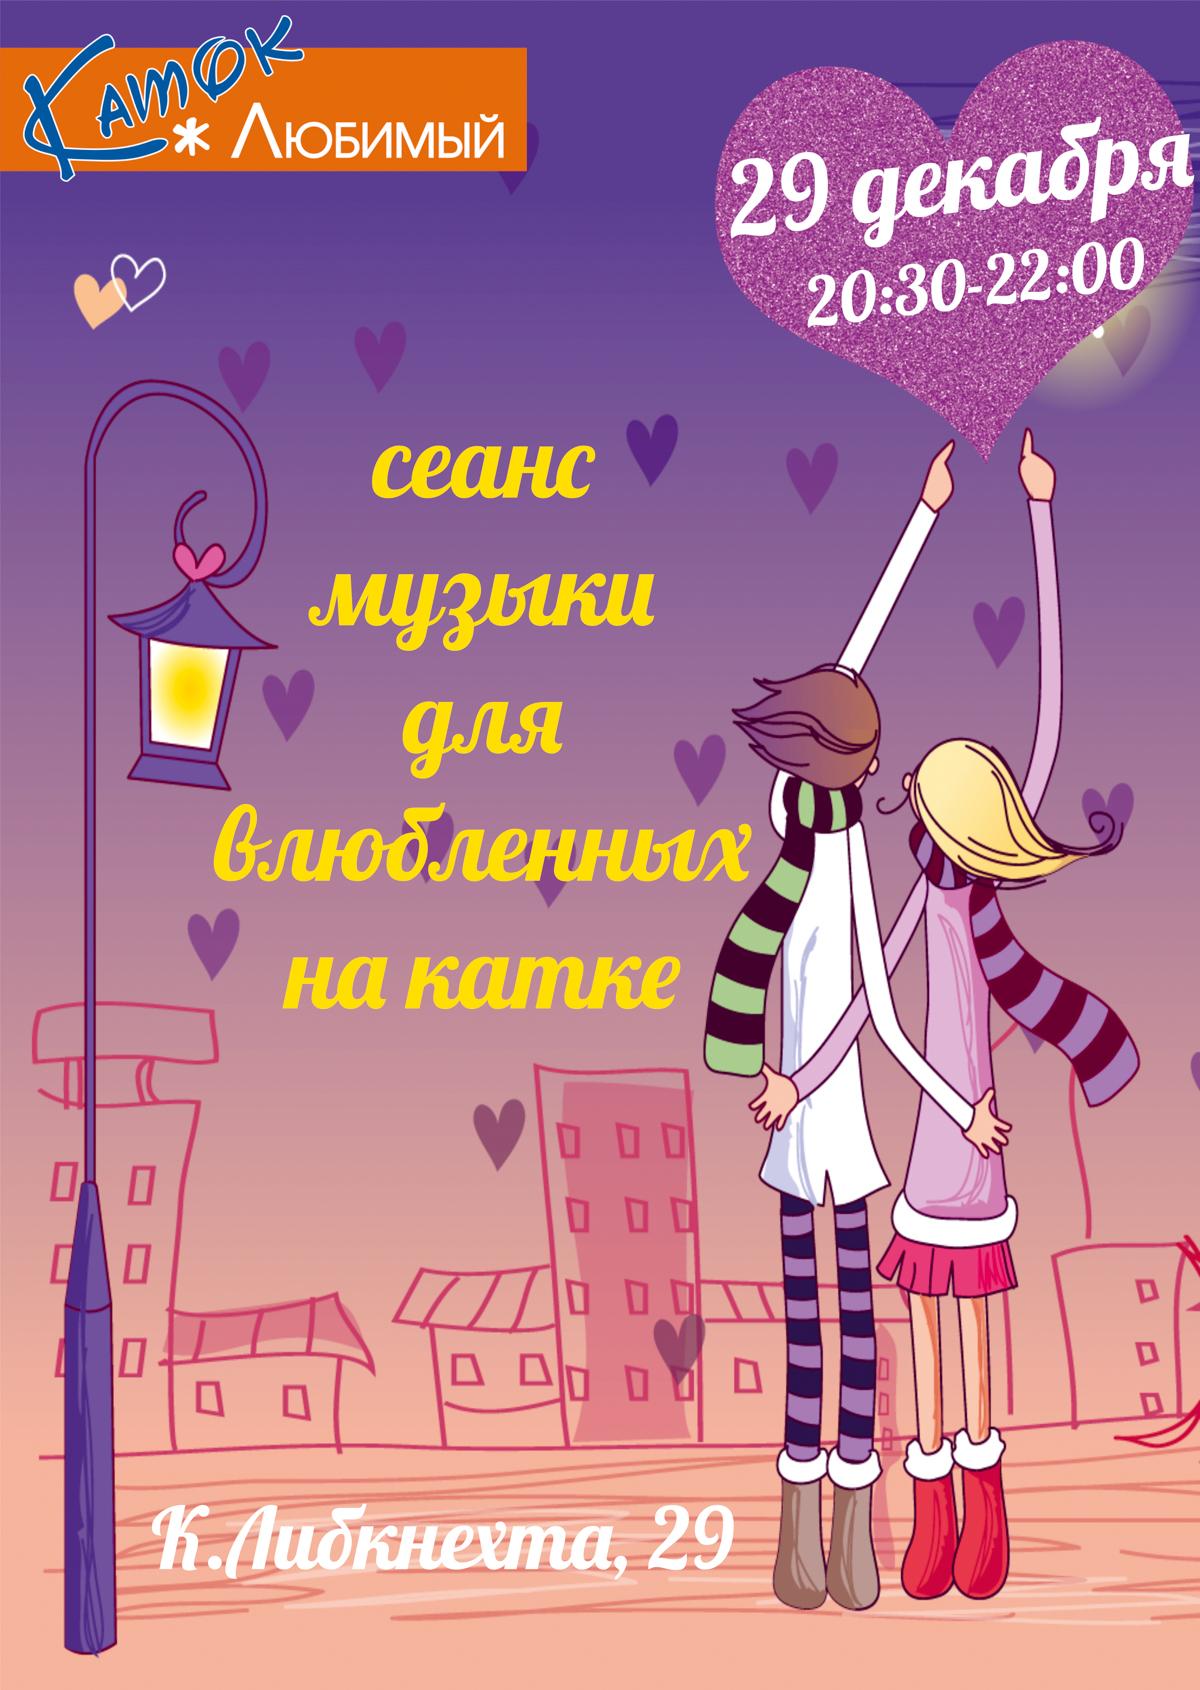 Сеанс музыки для влюбленных на Катке «Любимый»